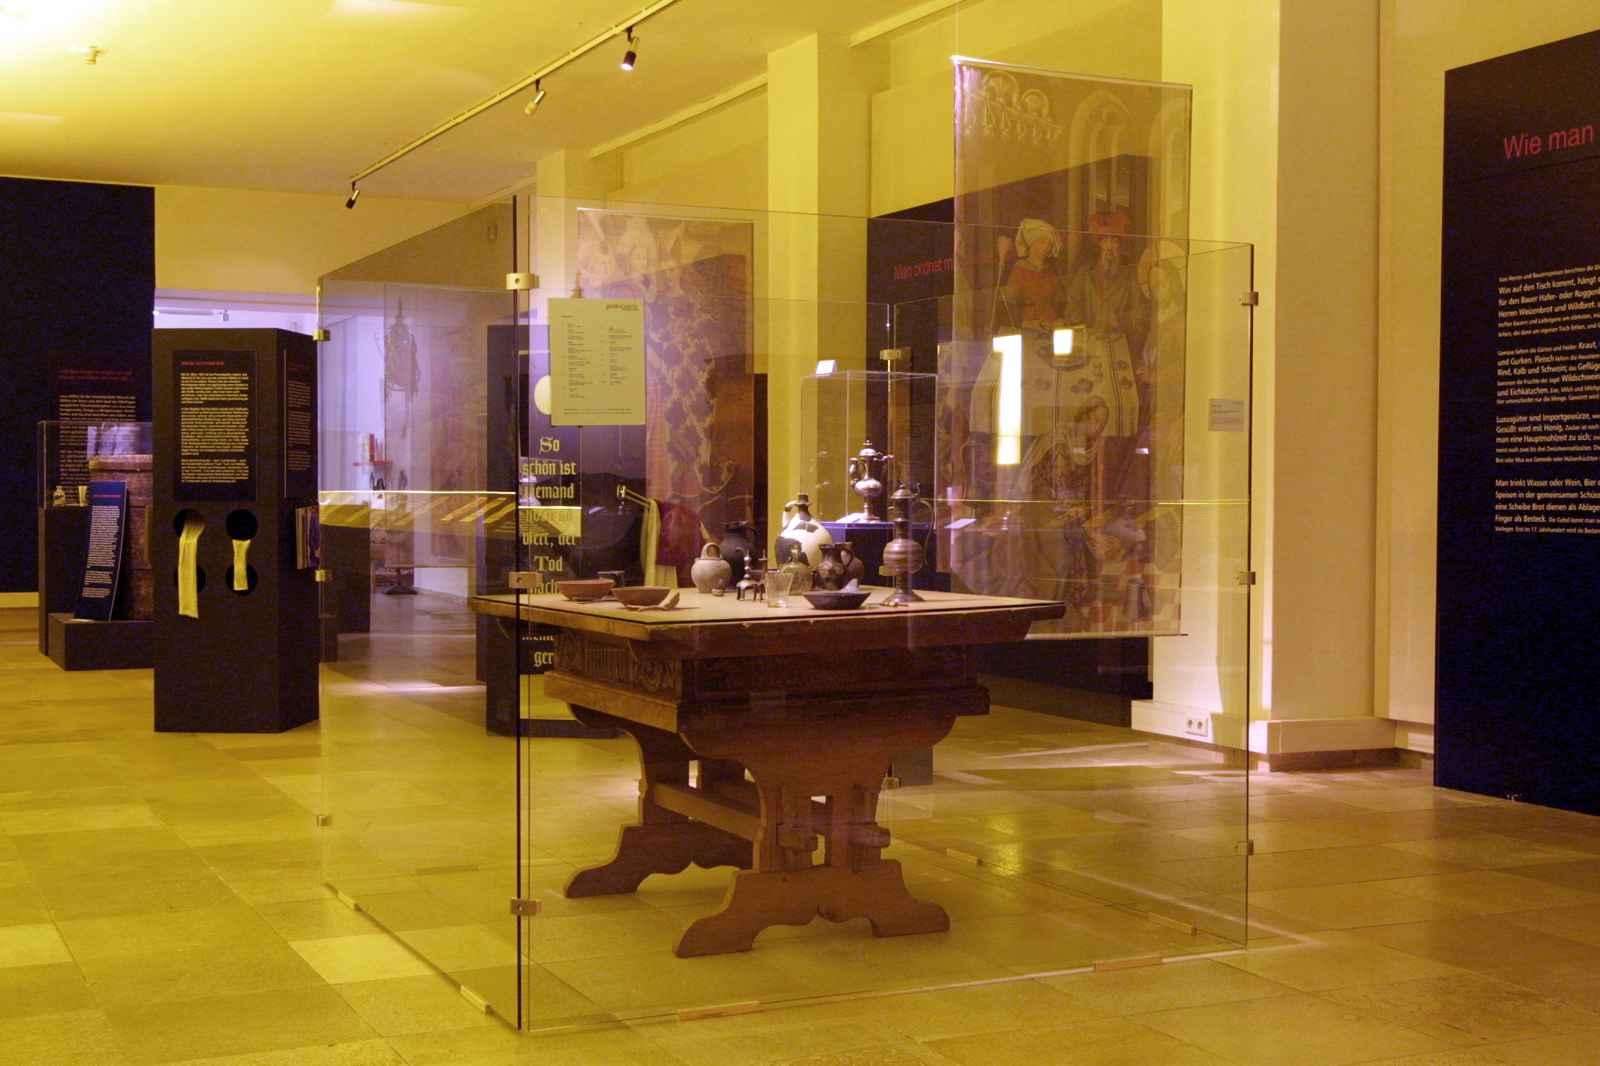 Raumeindruck Halle mit mittelalterlicher Tafel im Vordergrund